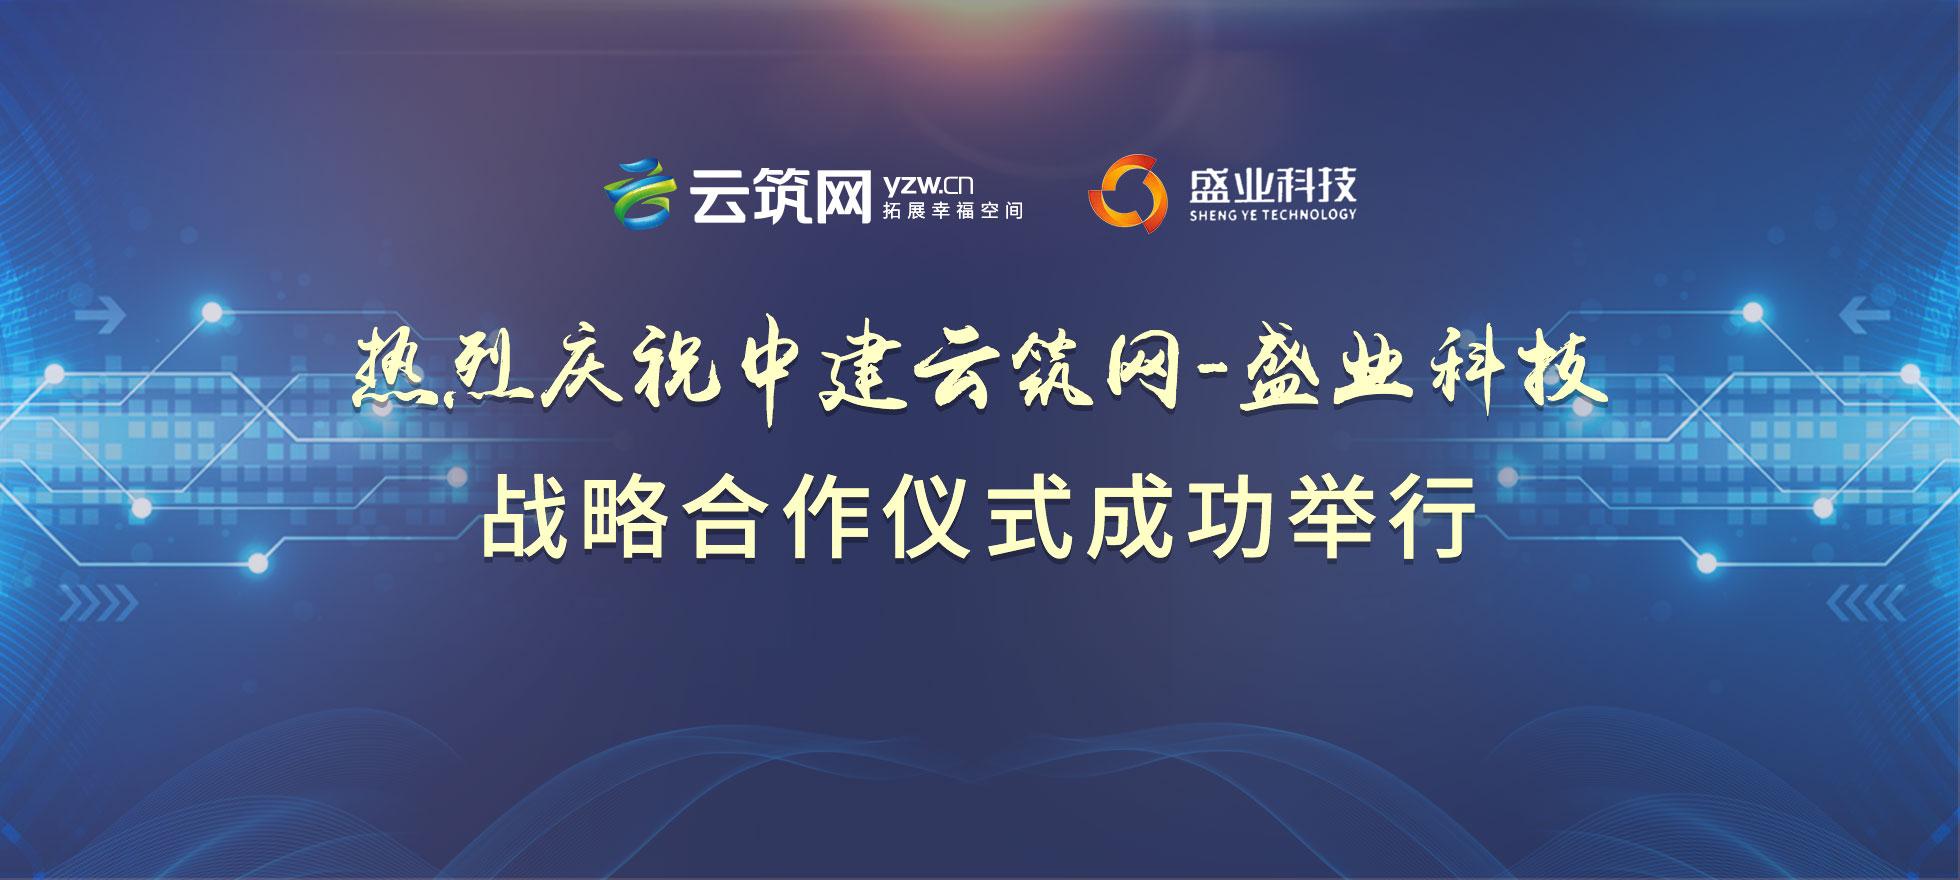 热烈庆祝中建云筑网-盛业科技战略合作仪式成功举行